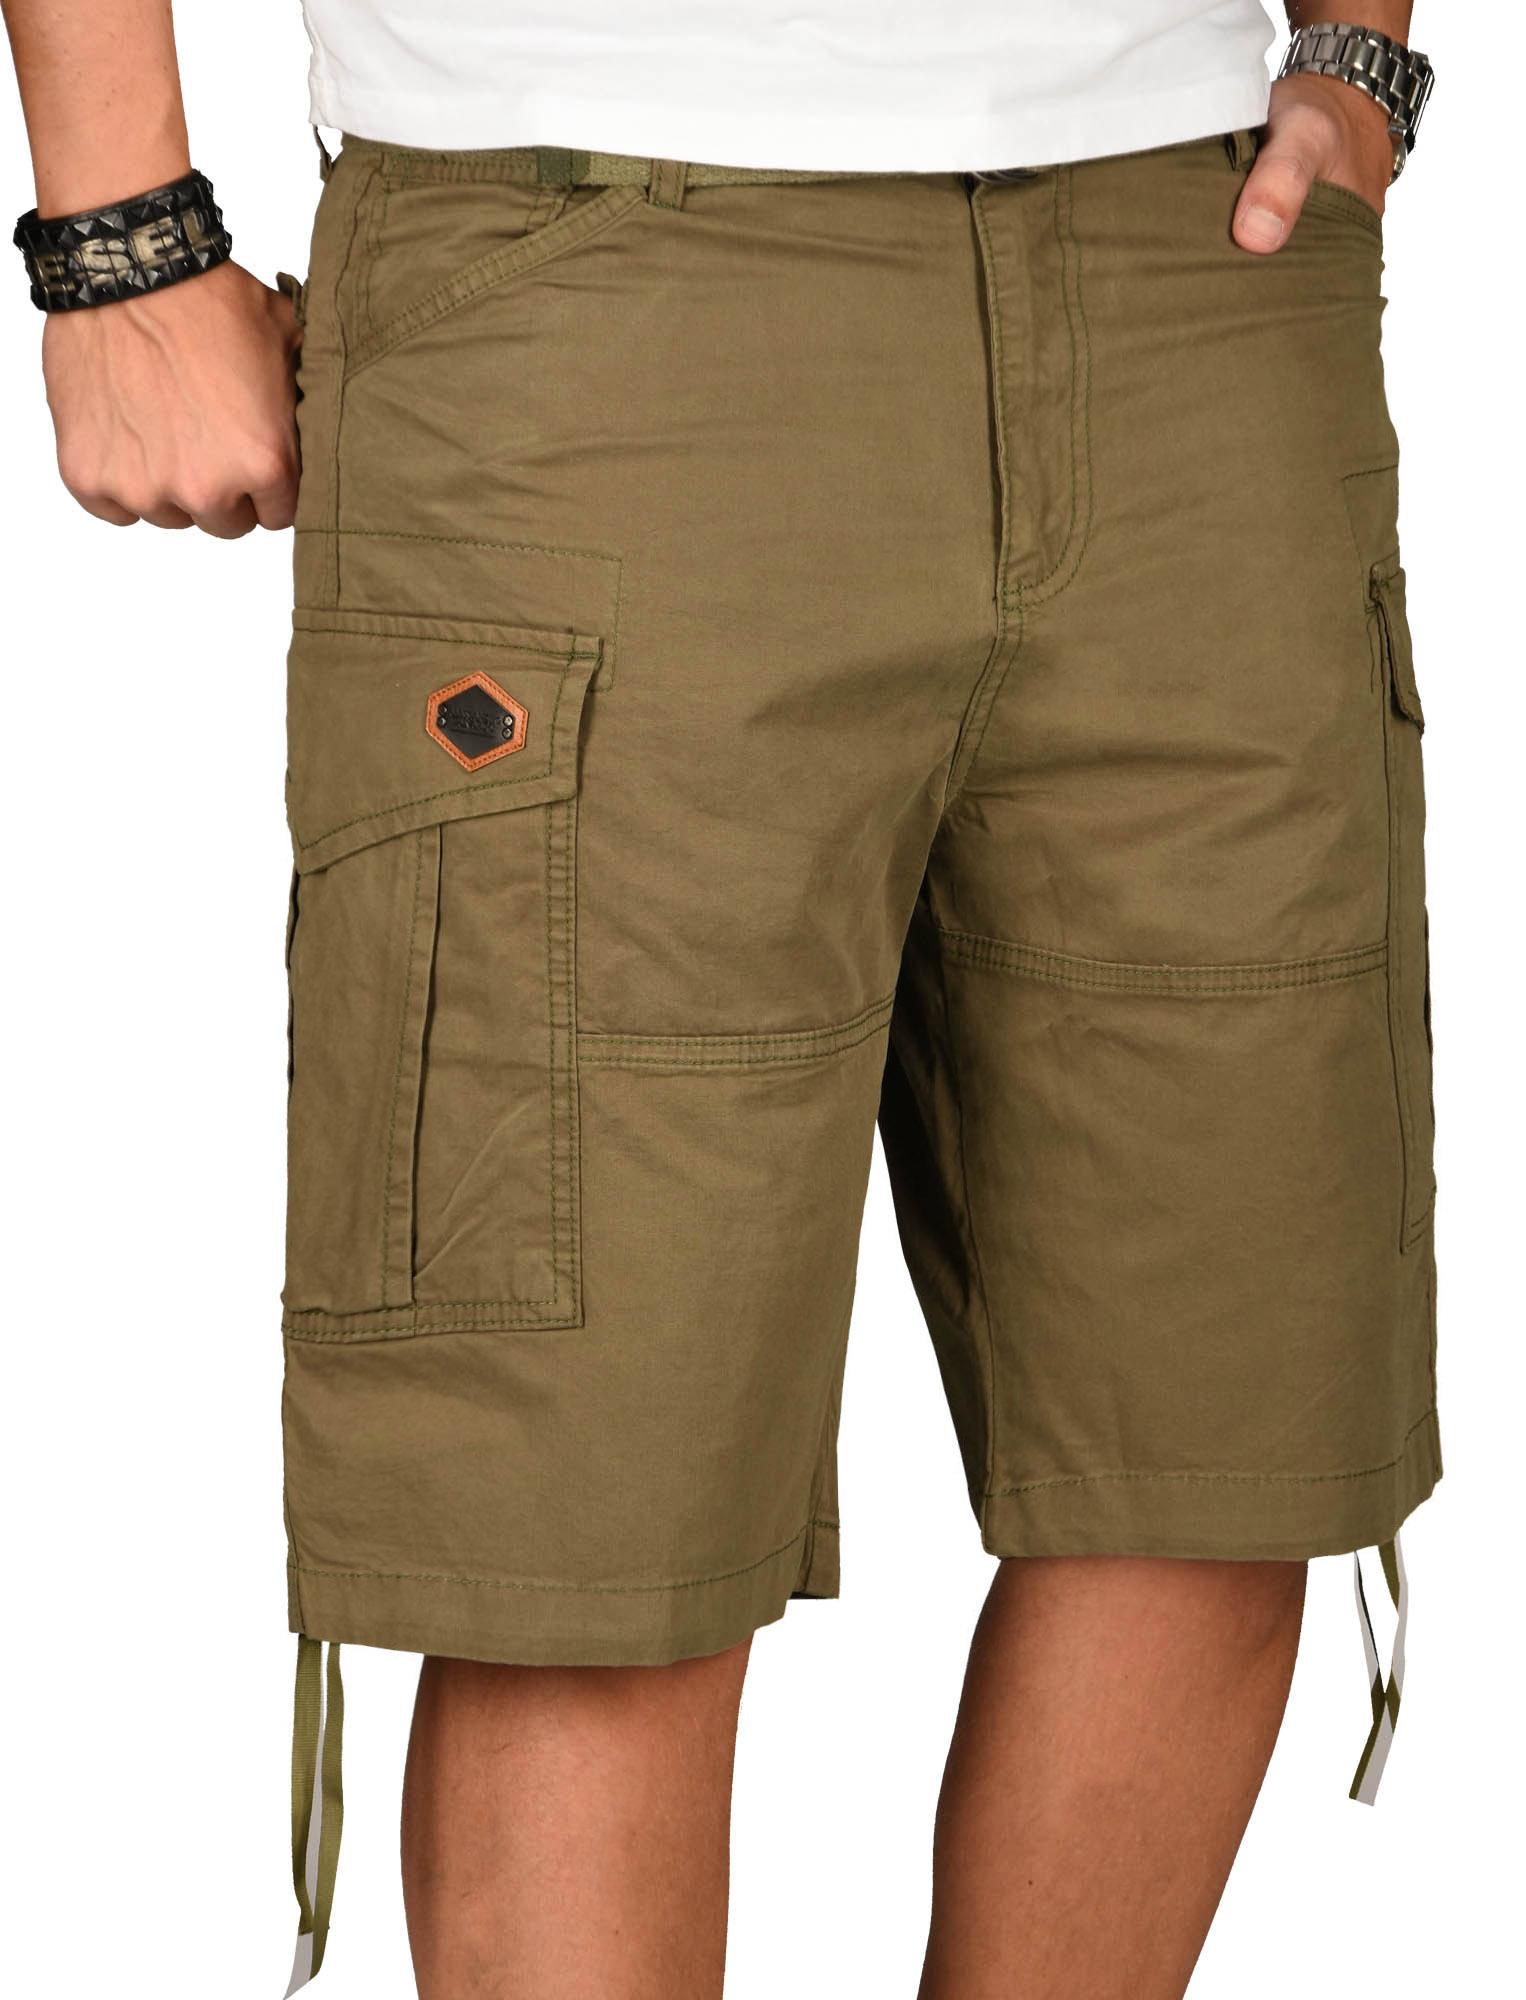 A-Salvarini-Herren-Comfort-Cargo-Shorts-Cargoshorts-kurze-Hose-Guertel-AS133-NEU Indexbild 23